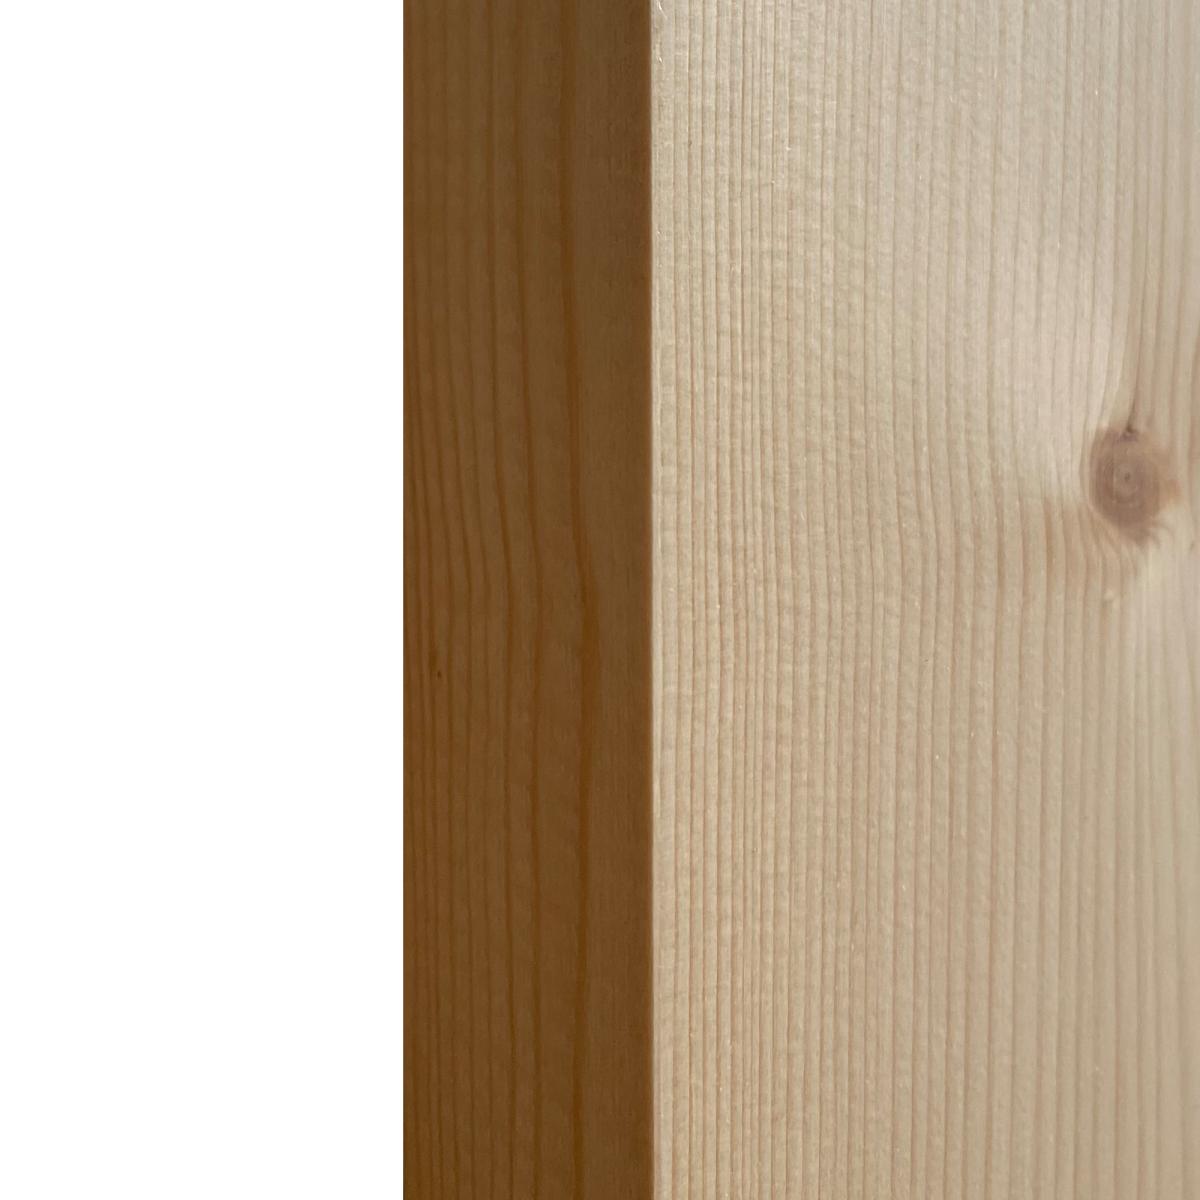 Дверь Межкомнатная Глухая Кантри 90x200 Хвоя Цвет Натуральный